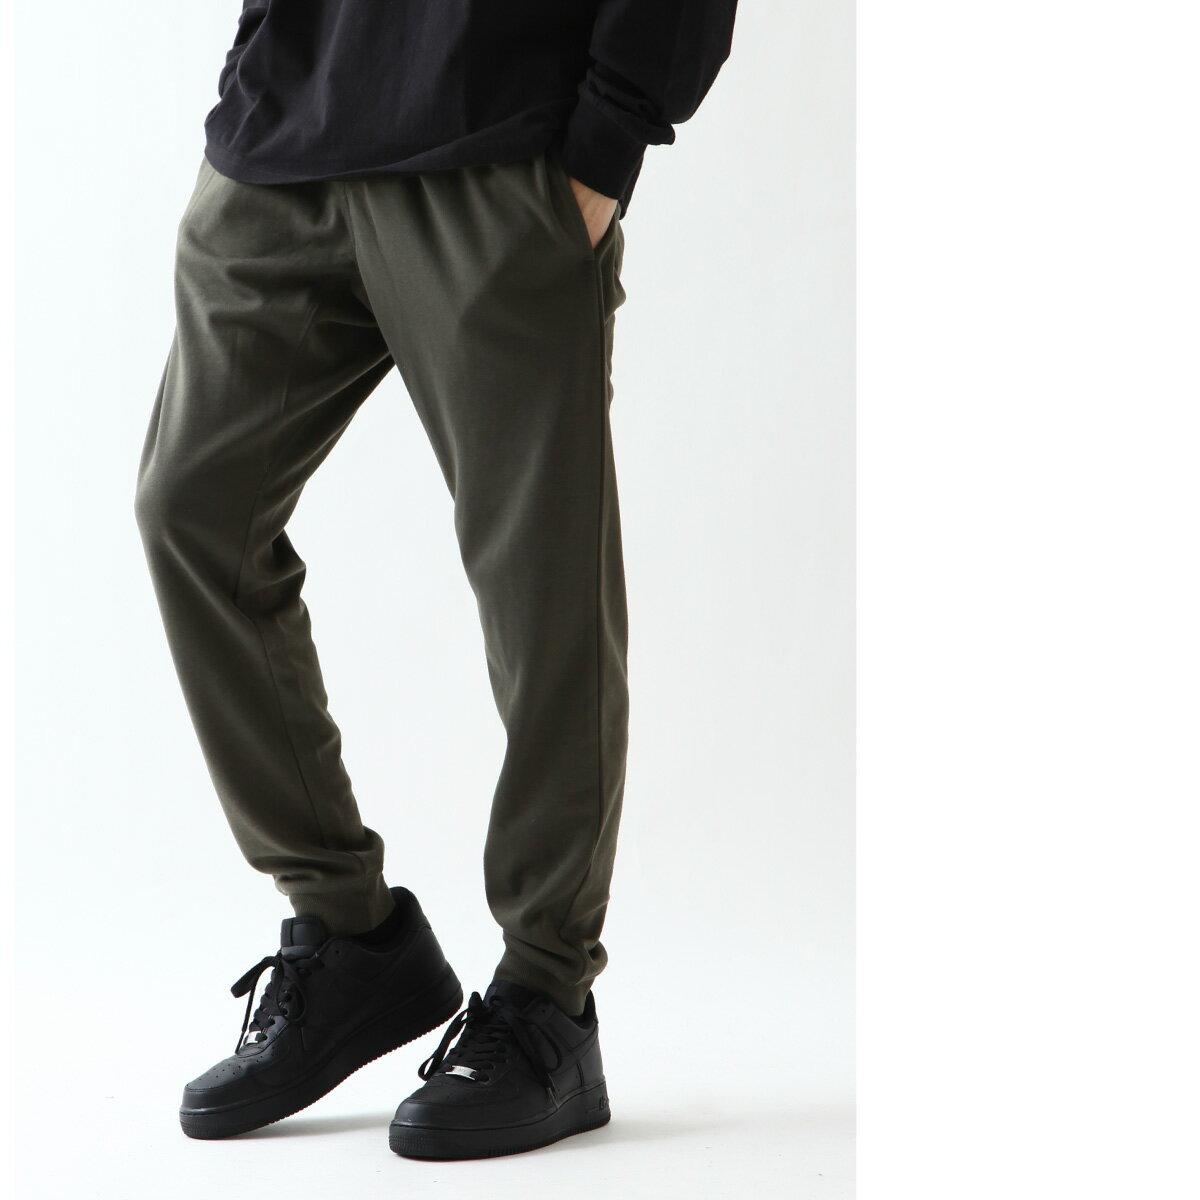 側線條運動褲 1